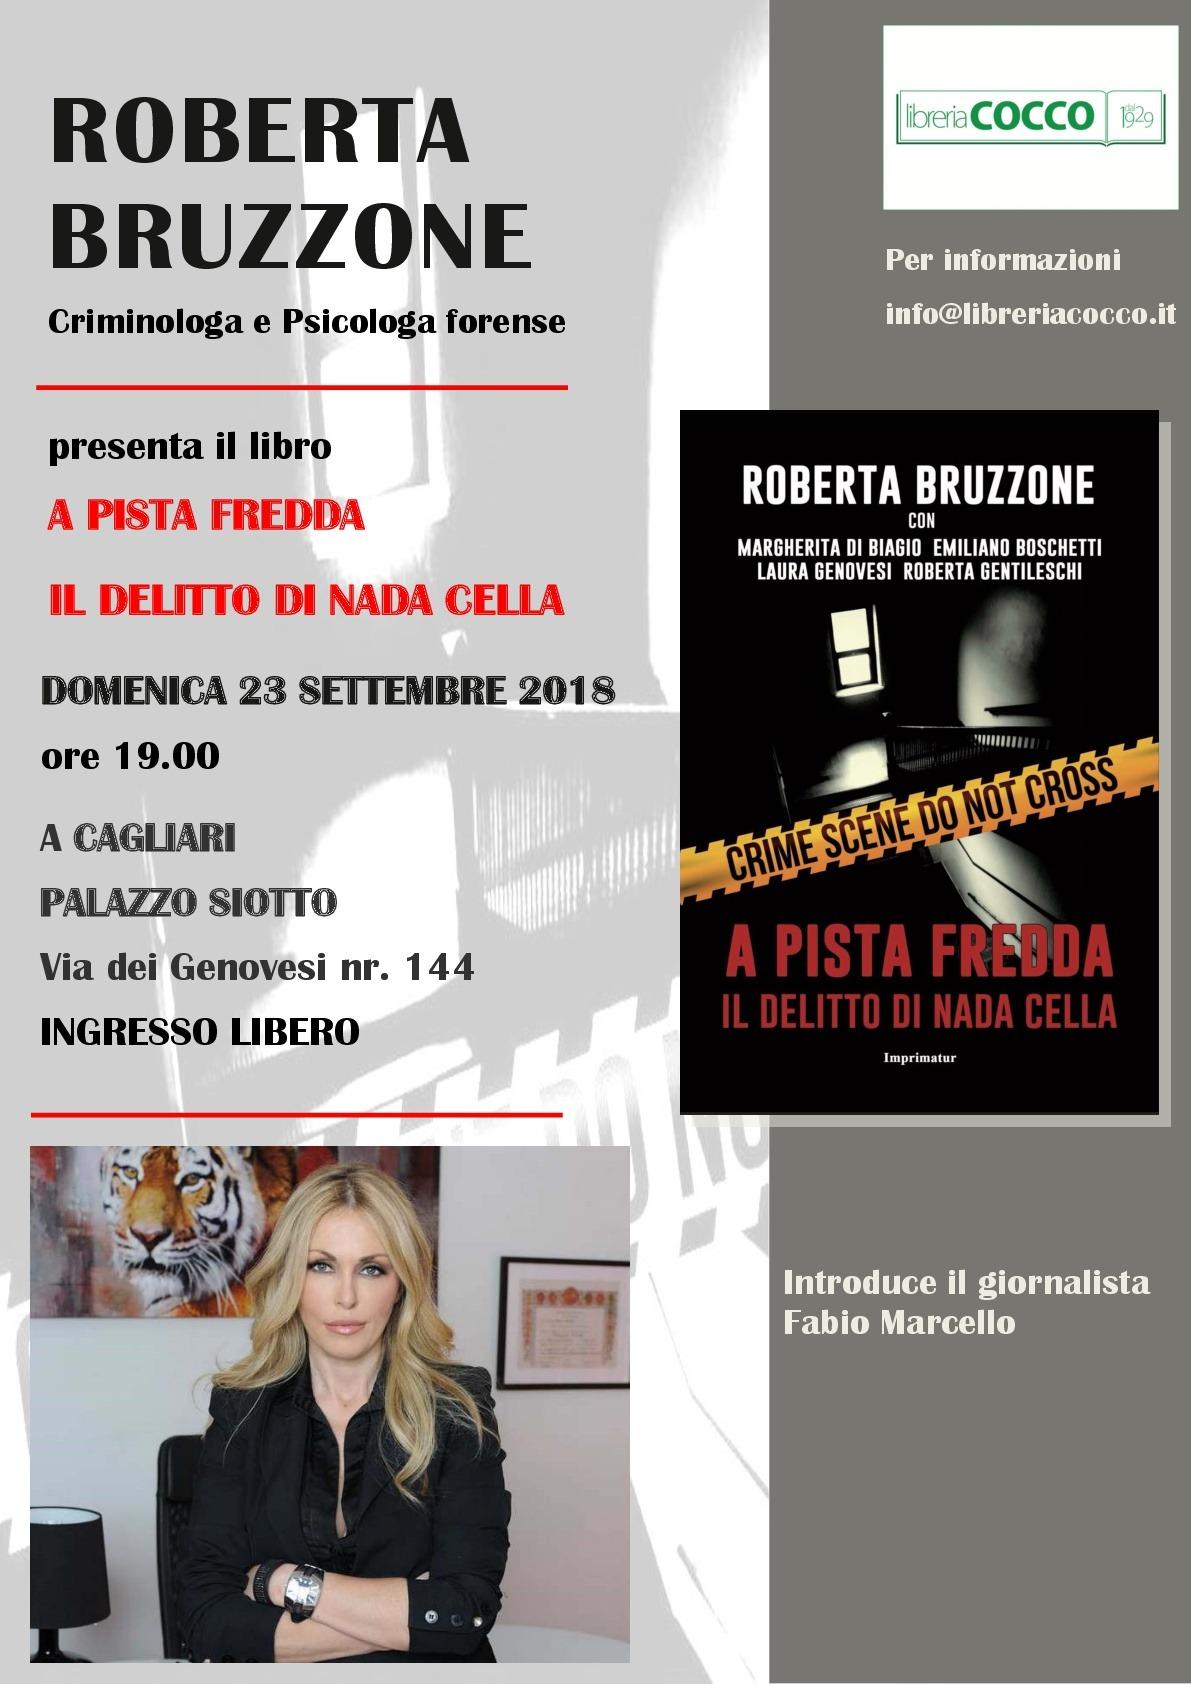 Locandina presentazione libro Roberta Bruzzone 001 A Pista Fredda. Il delitto di Nadia Cella. Domenica a Palazzo Siotto